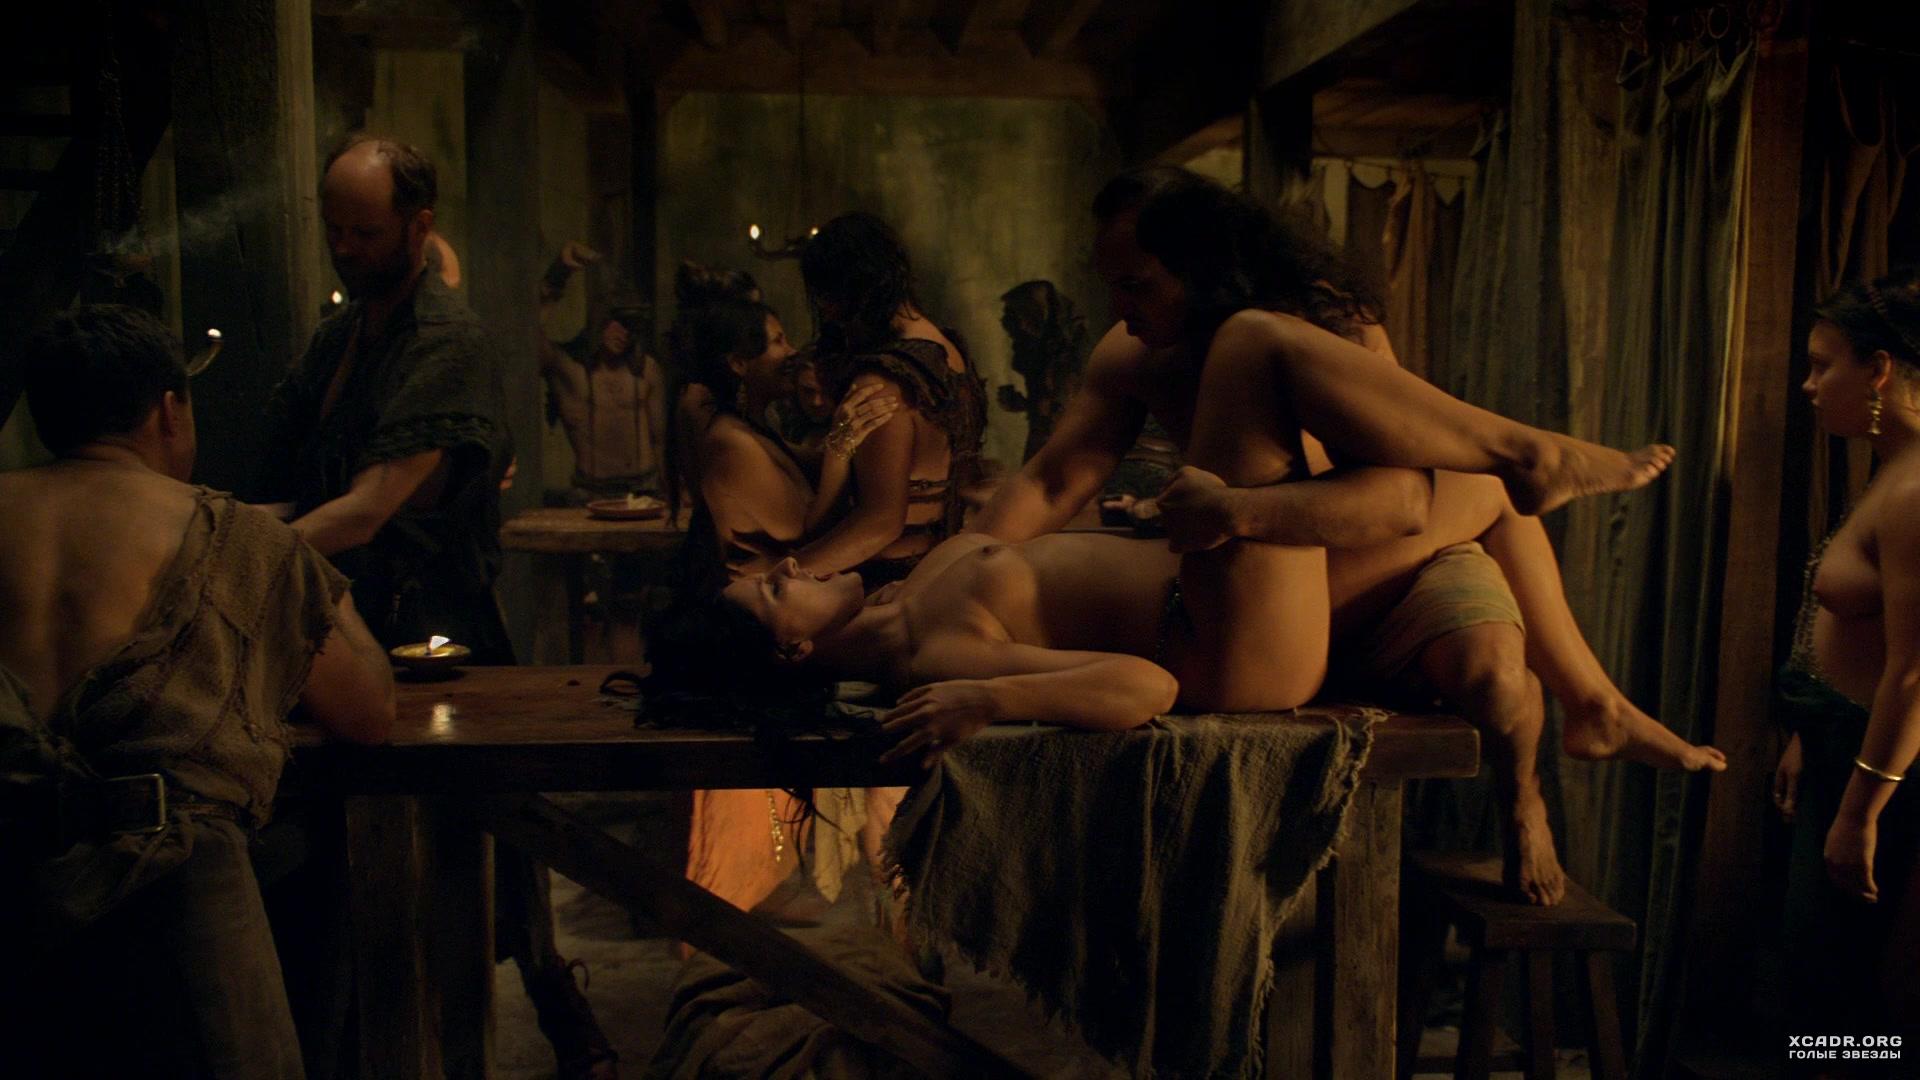 фильмы про секс рабство список смотреть онлайн красота женского тела